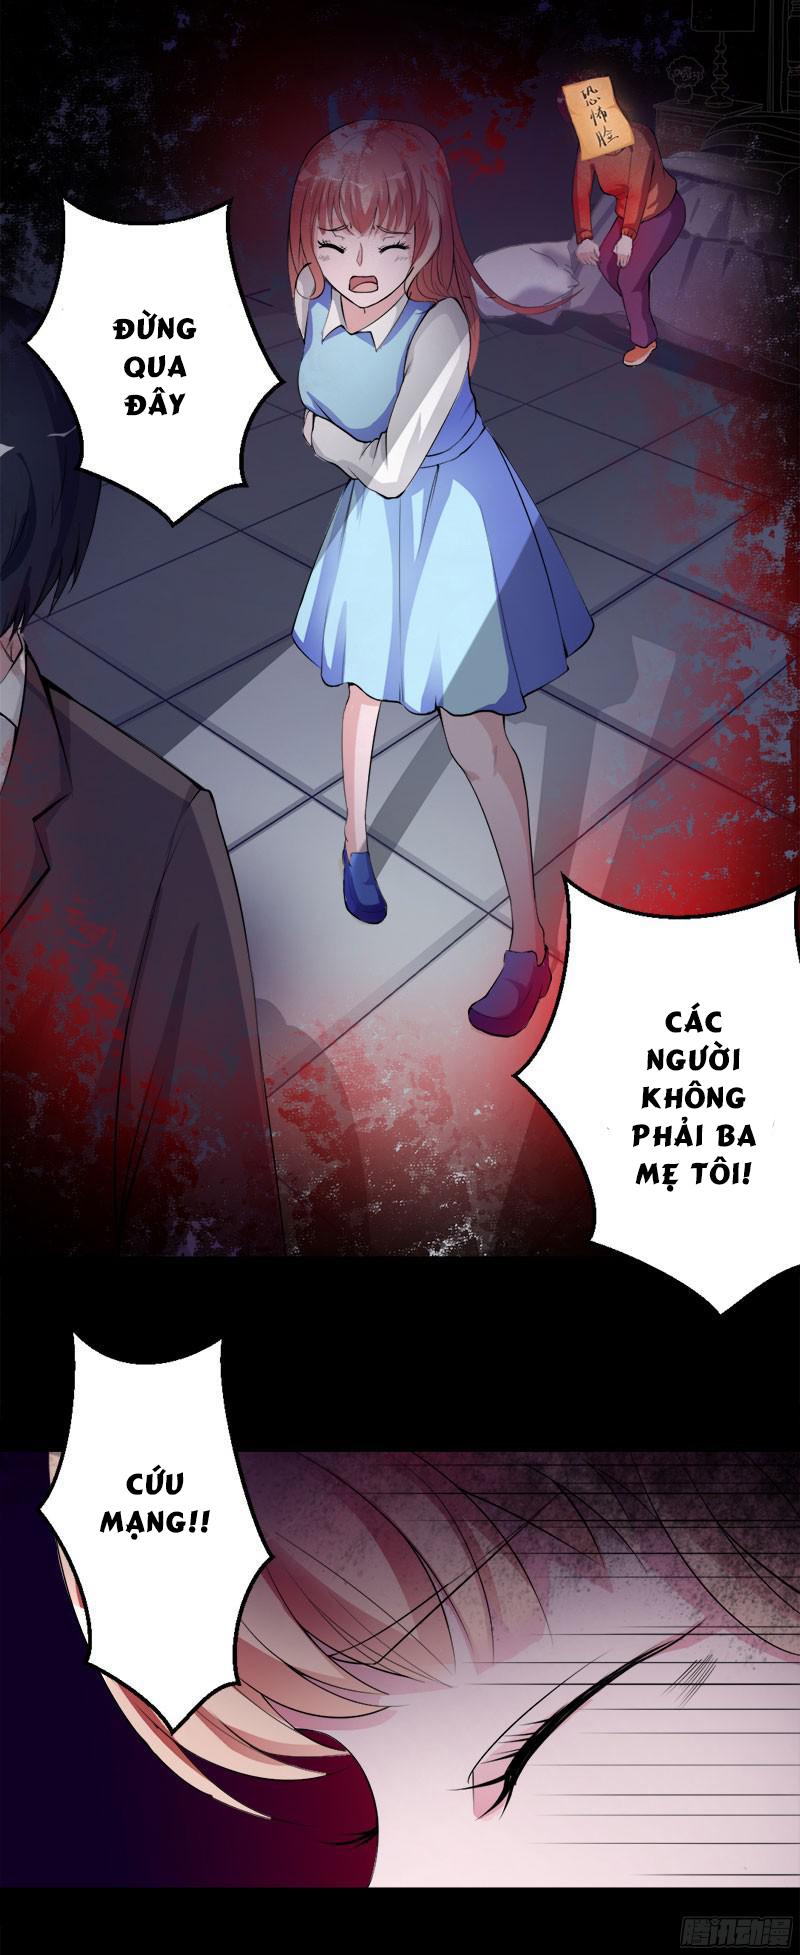 Hung Mãnh Quỷ Phu Bà Thượng Sàng chap 5 - Trang 6